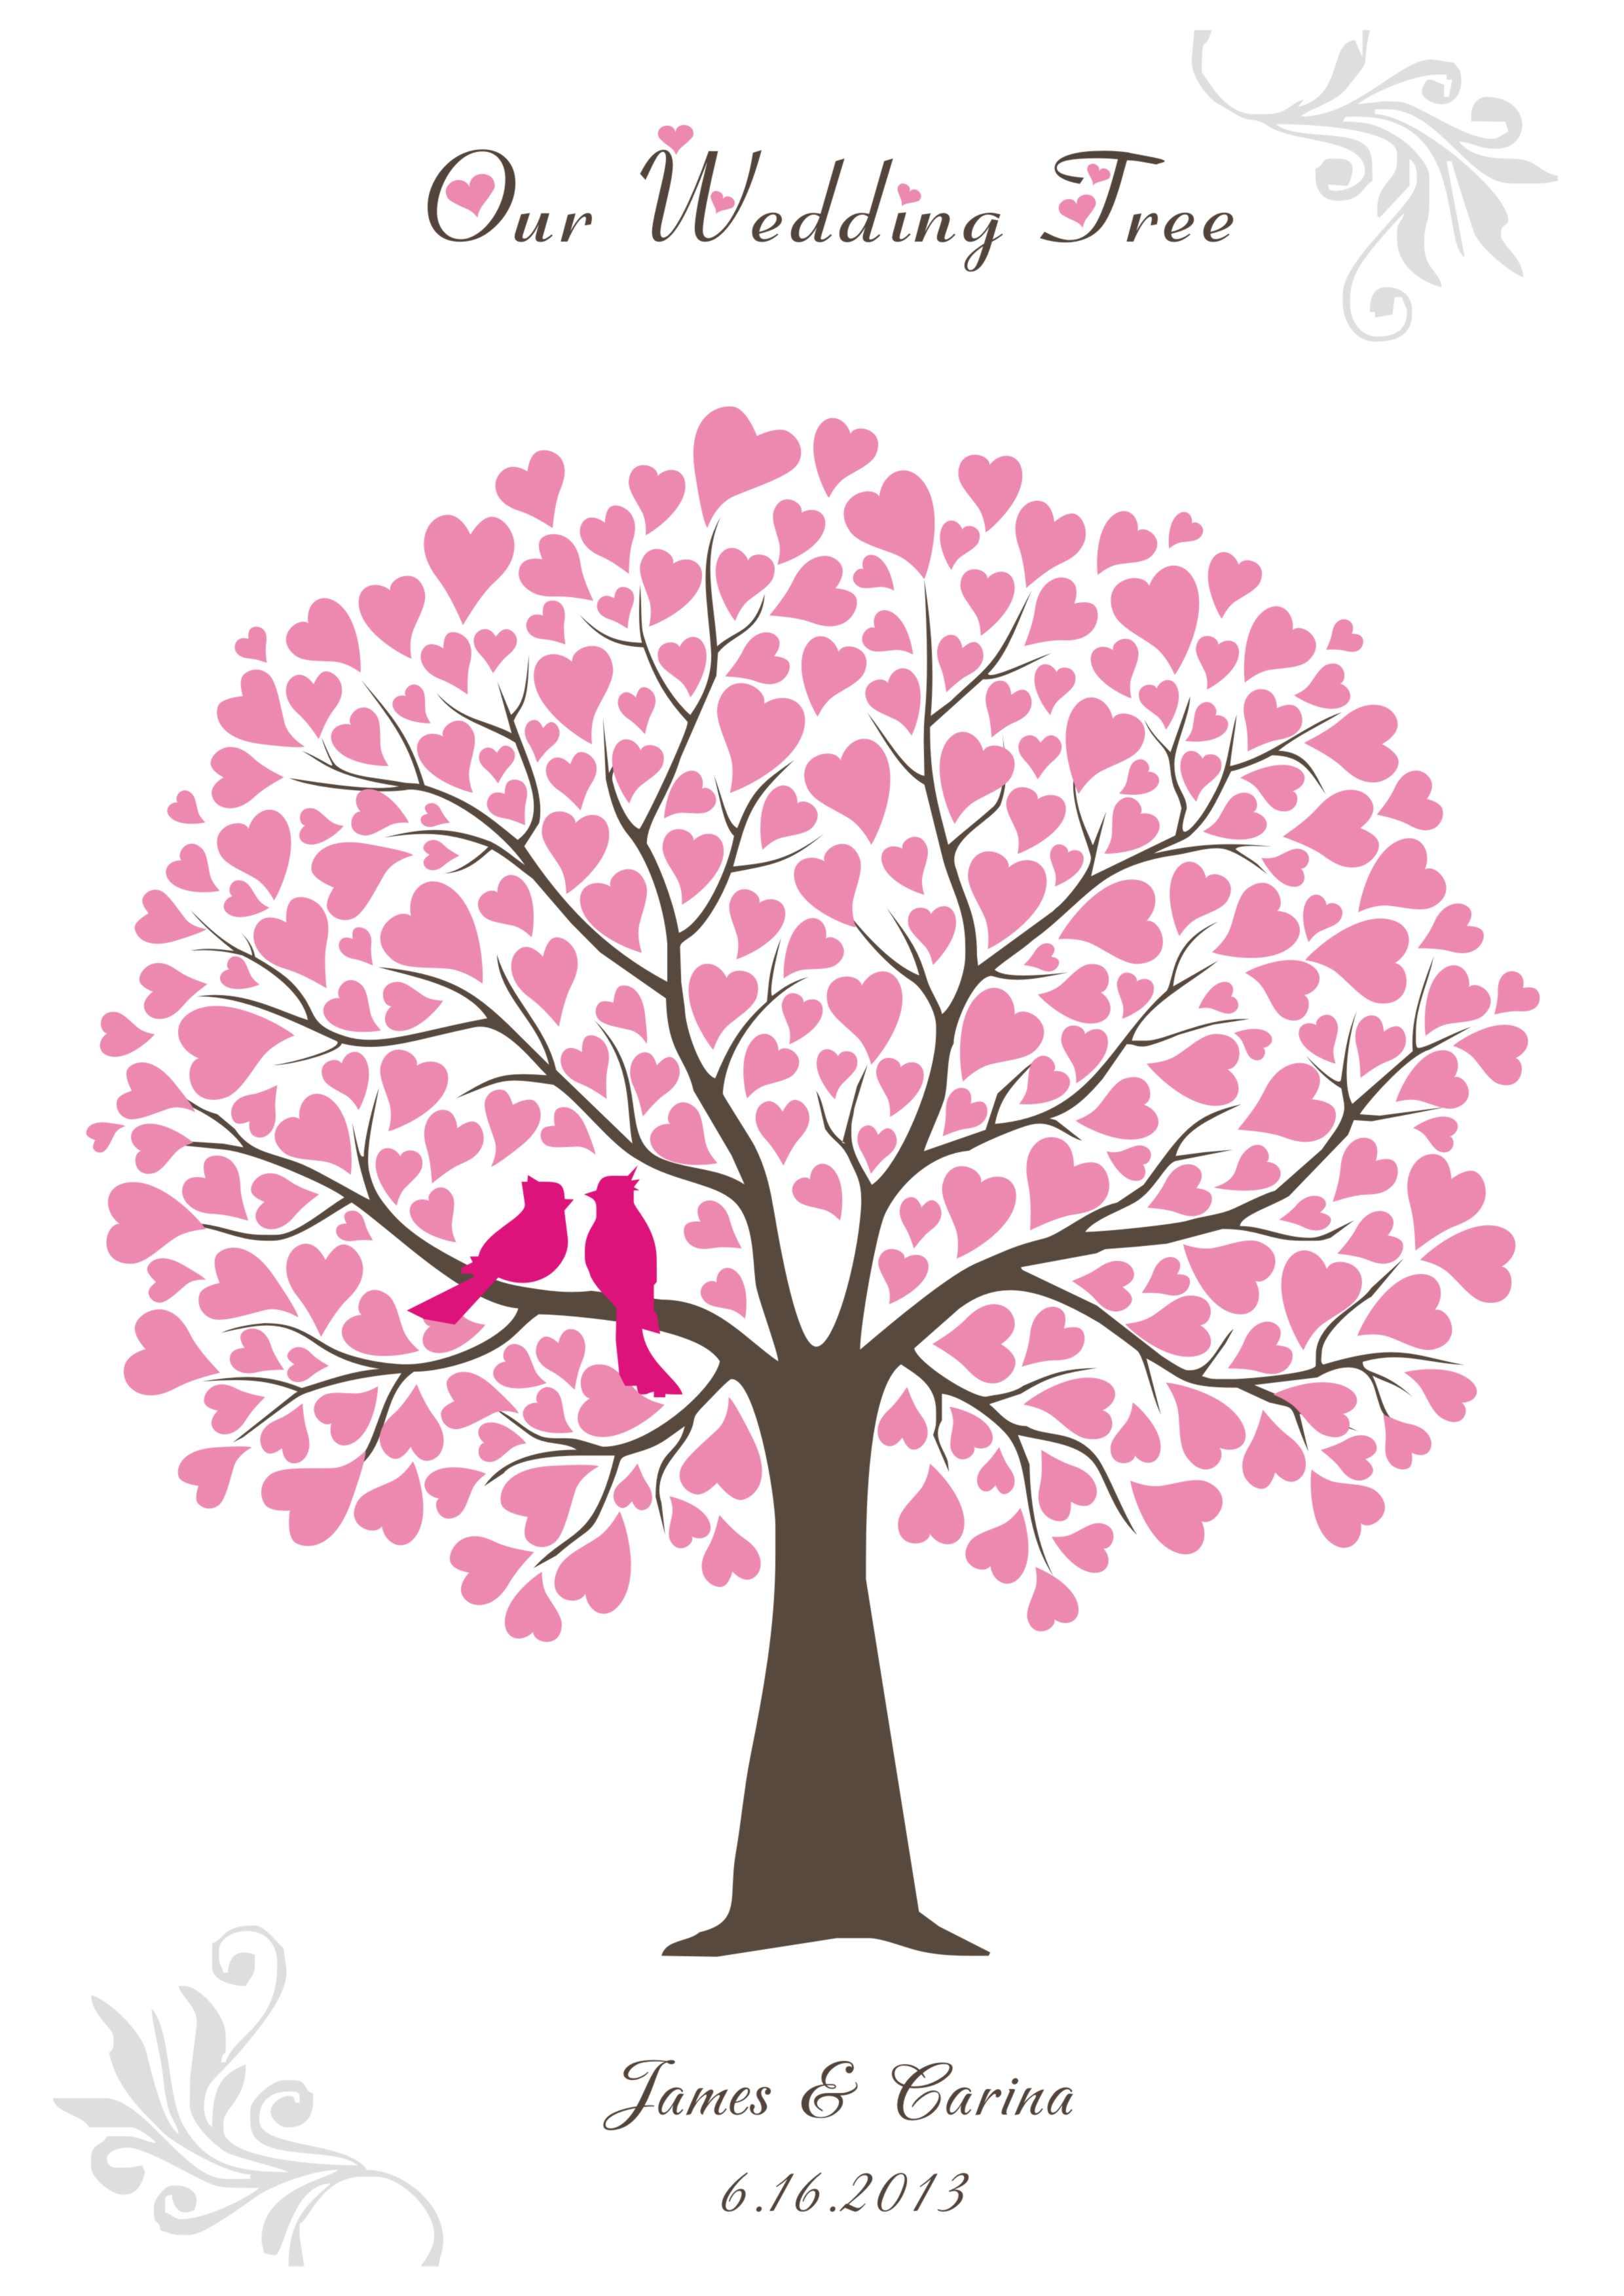 эти запускают шаблон свадебного дерева пожеланий наш